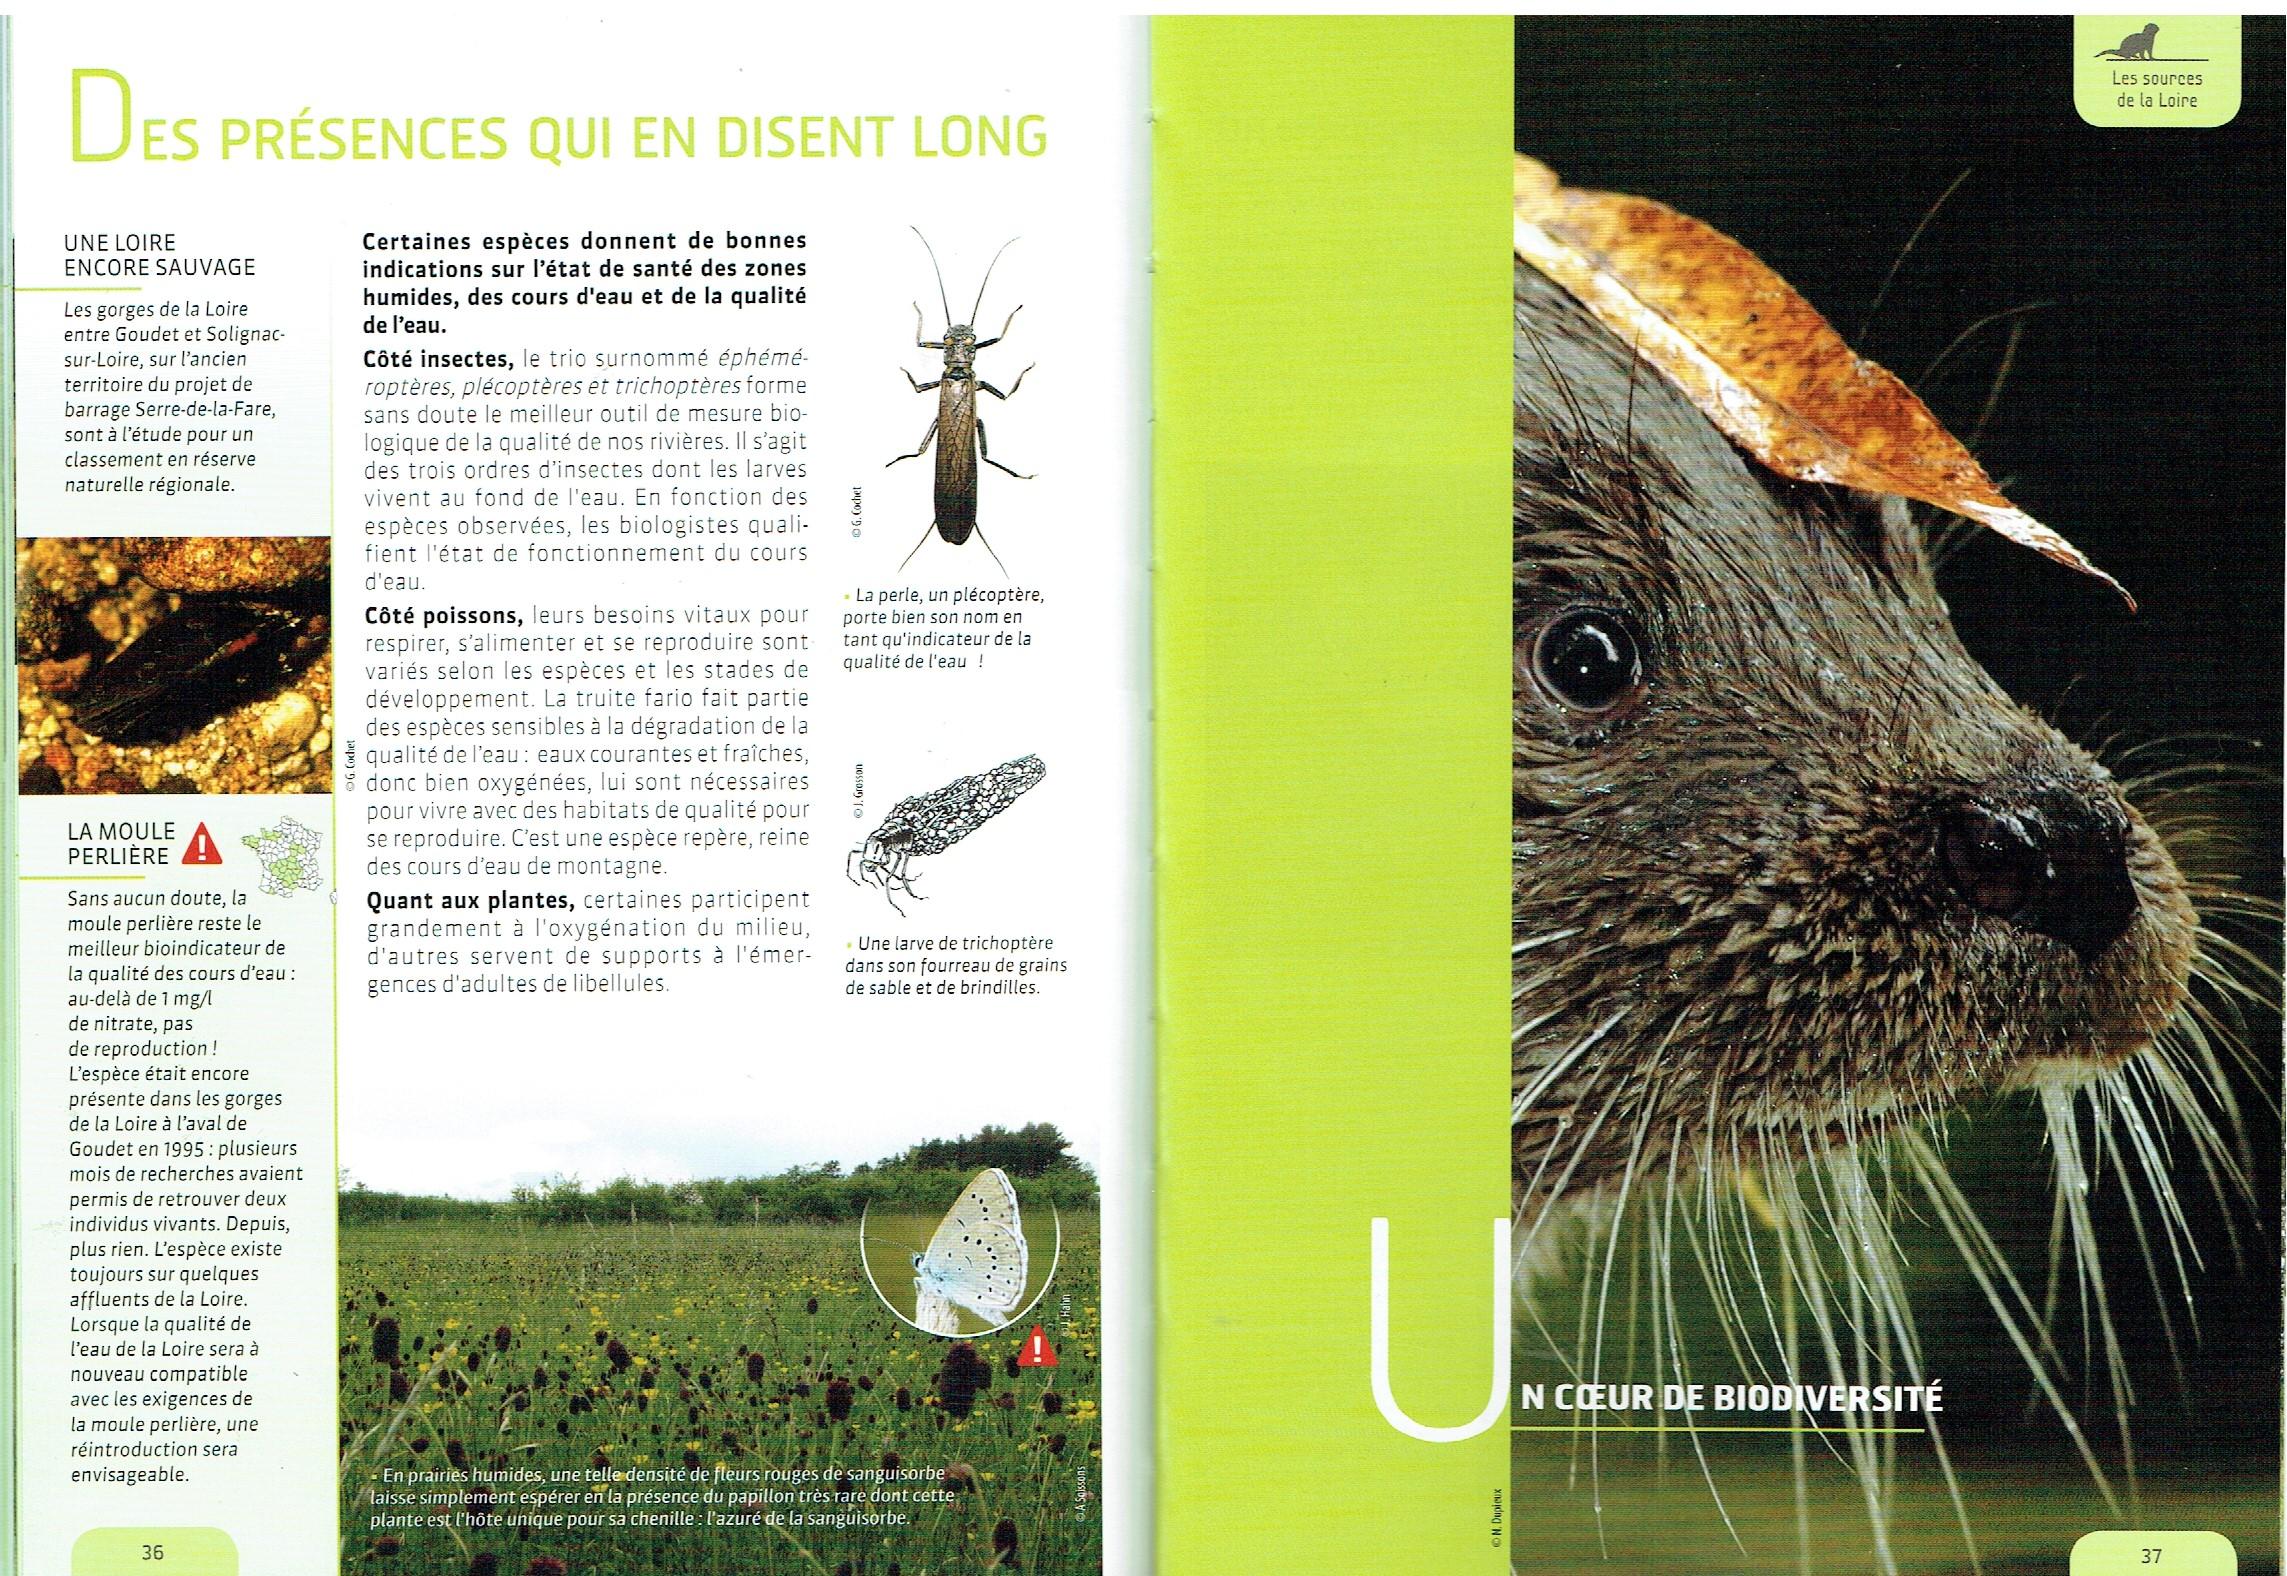 La loutre, symbole des rivières du bassin des sources de la Loire